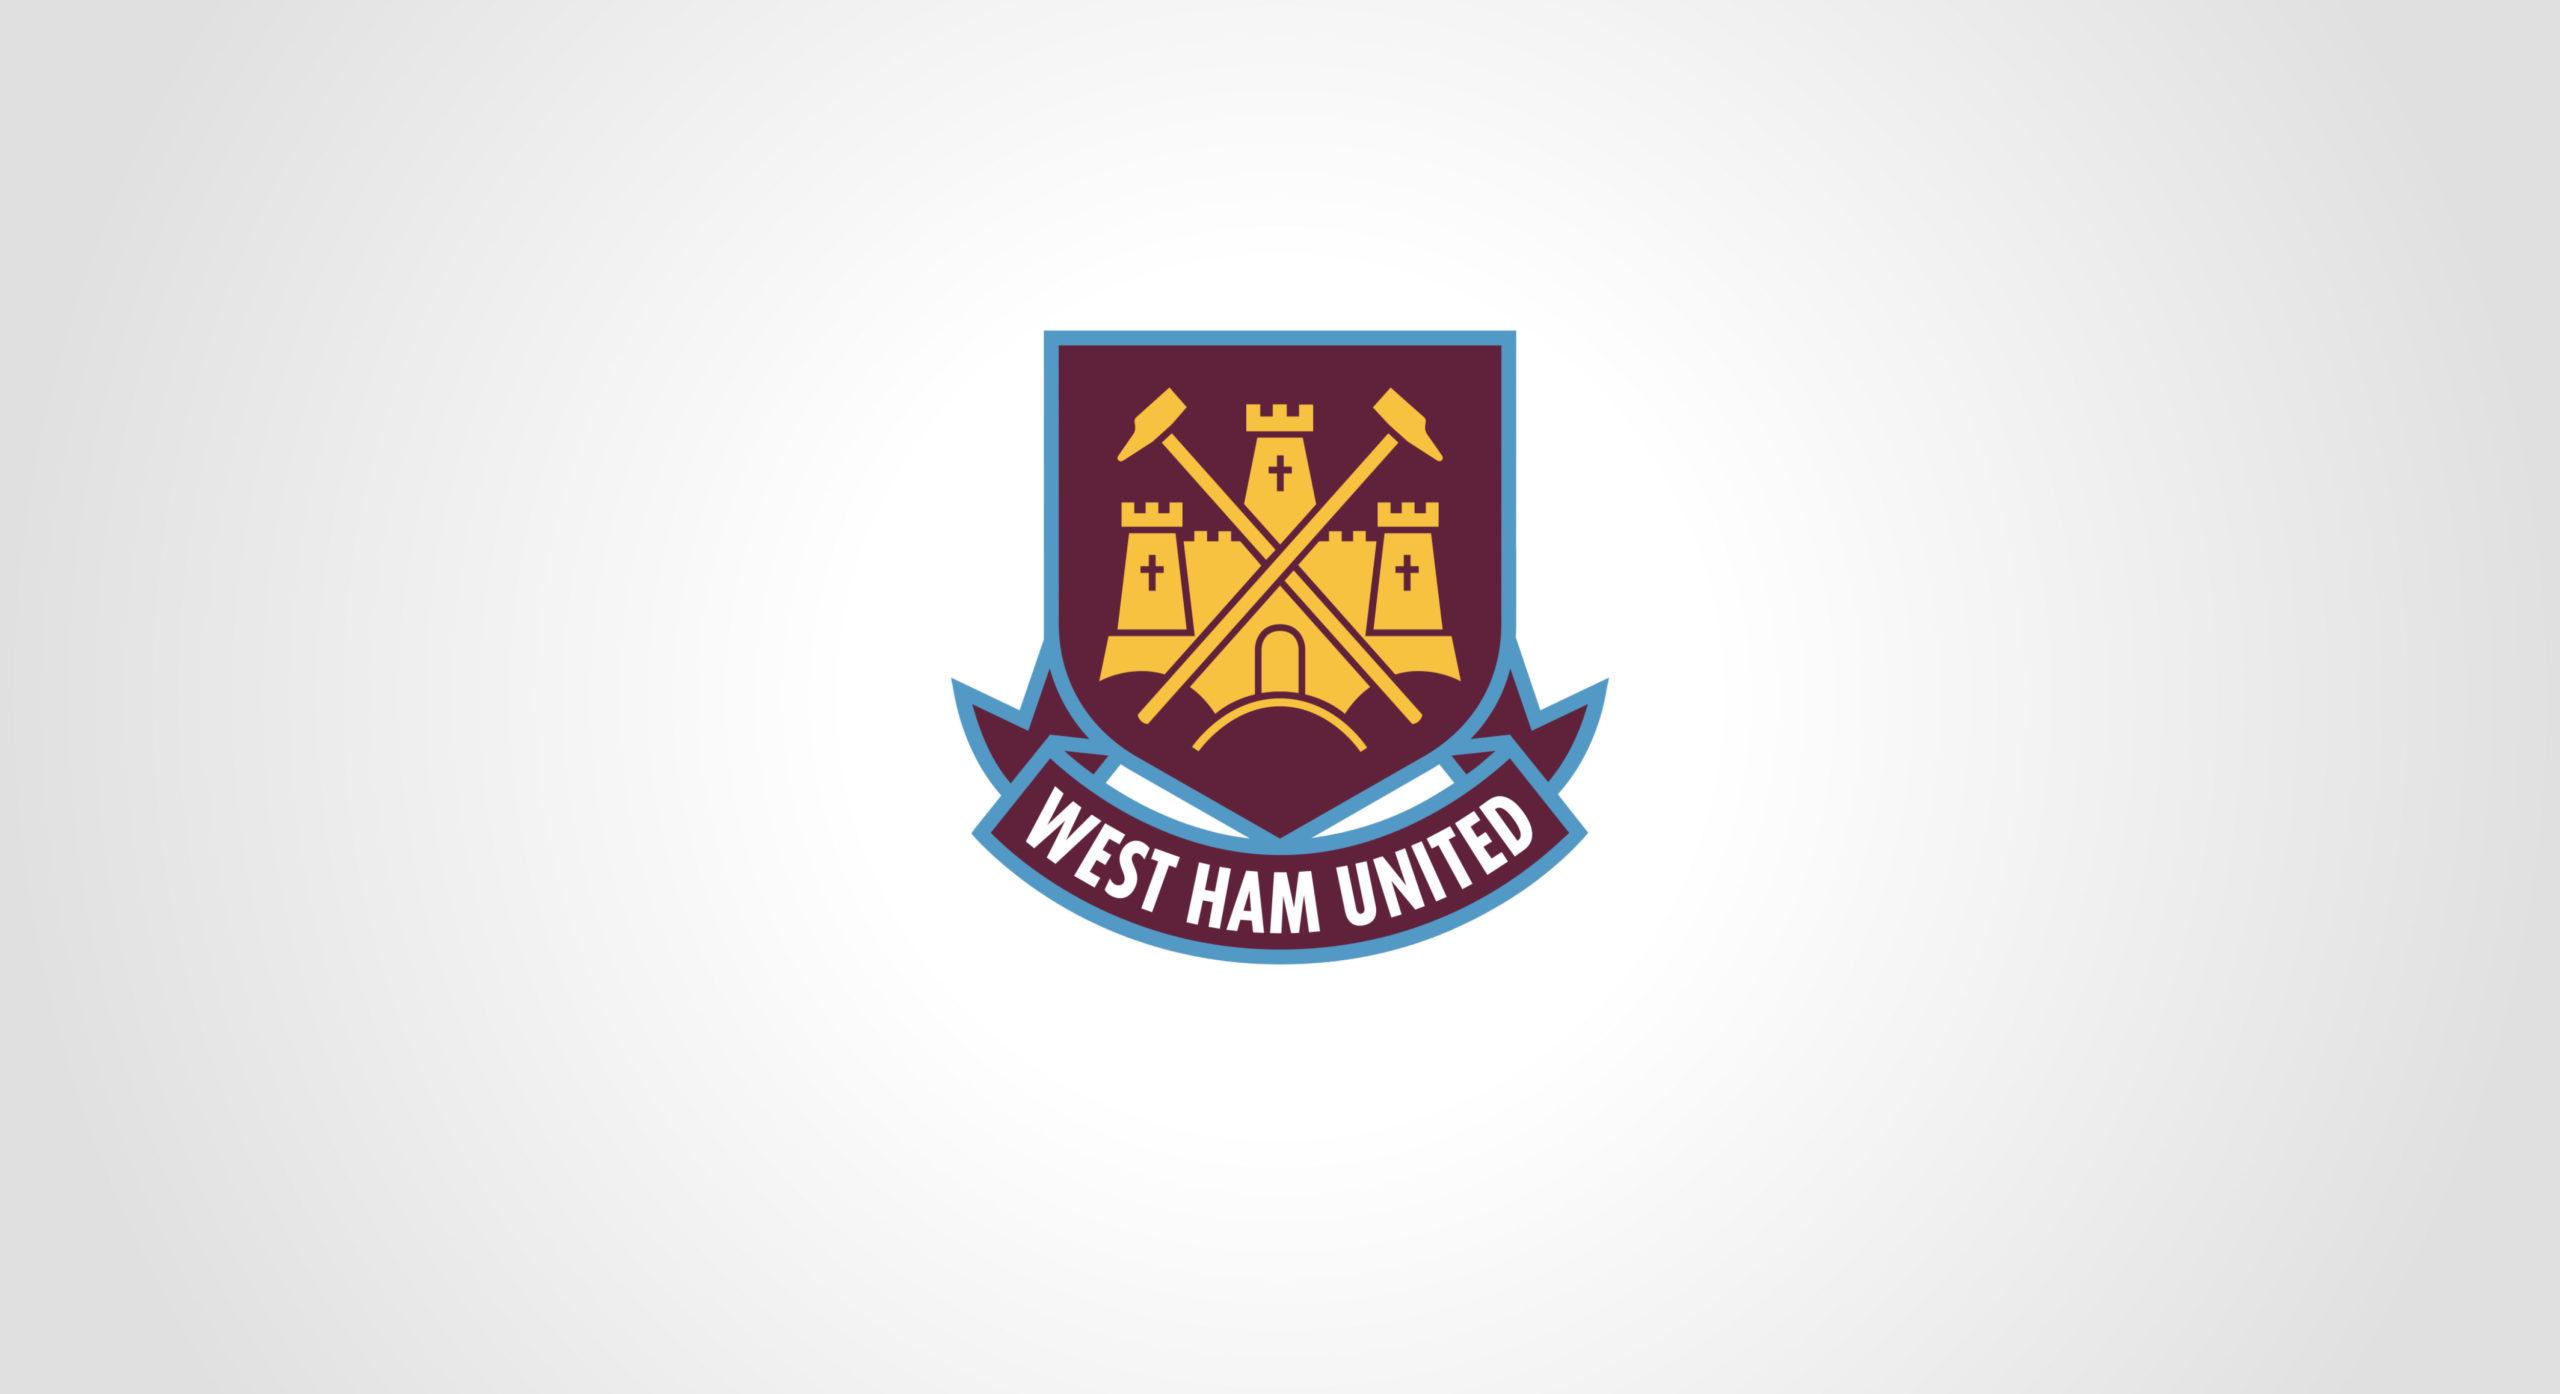 <a href='https://mpadesign.co.uk/print-design/west-ham-united-fc/'></a>